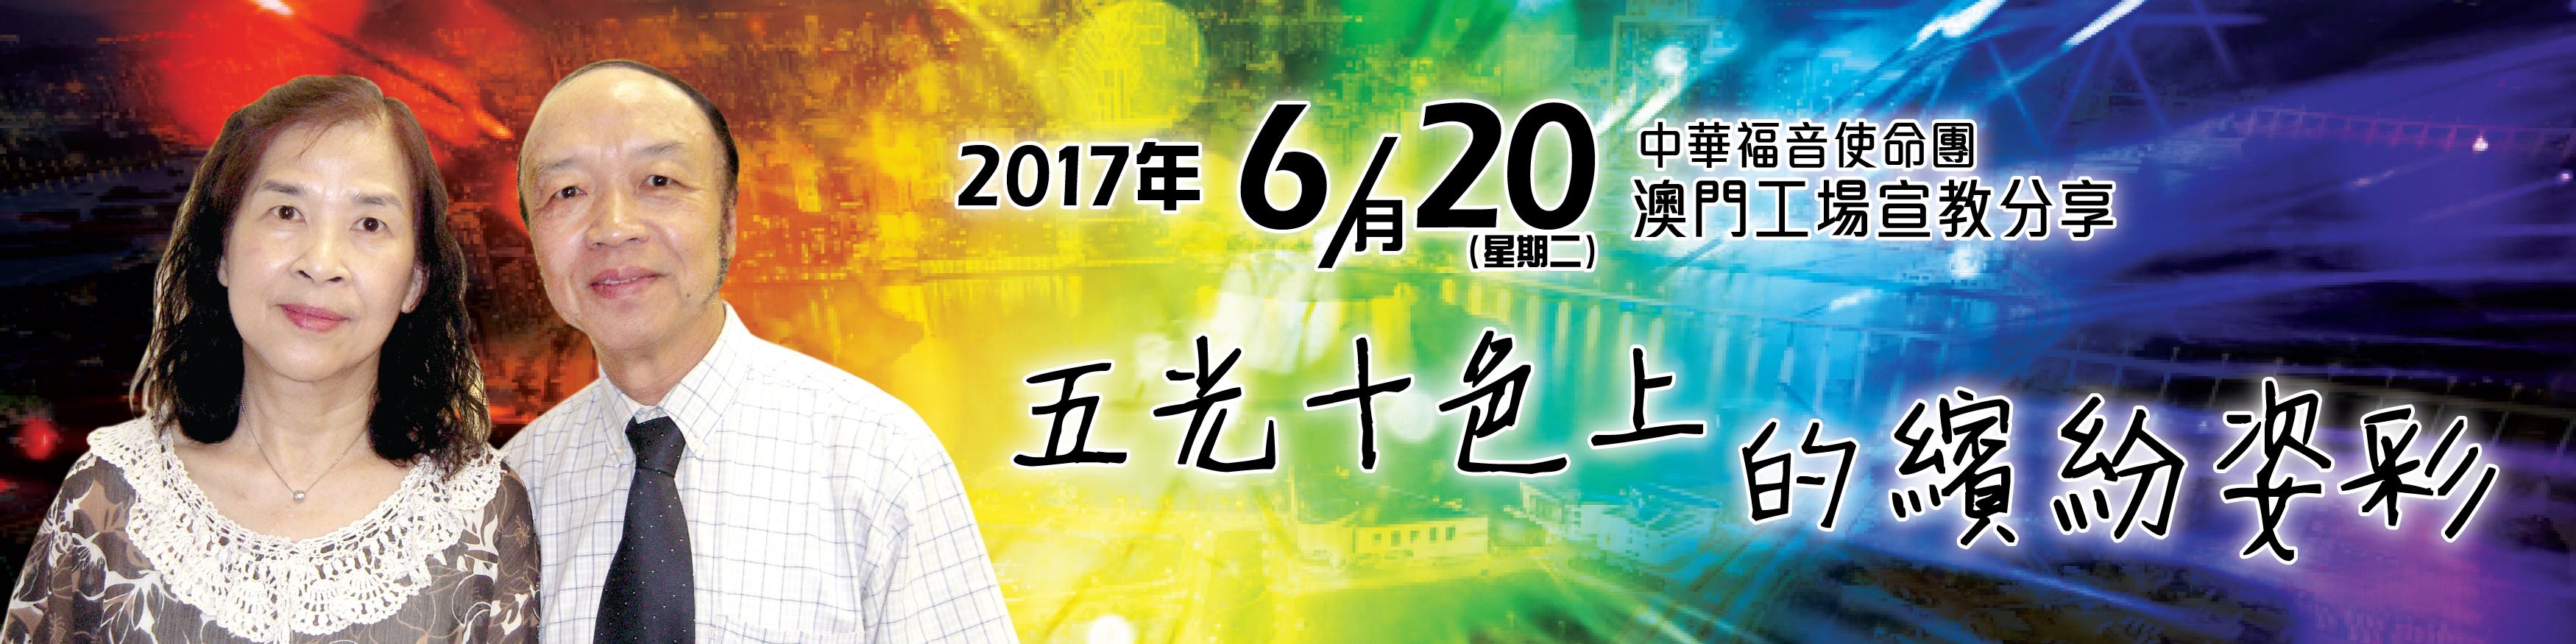 6月—彭治權、陳麗娟宣教士夫婦-02